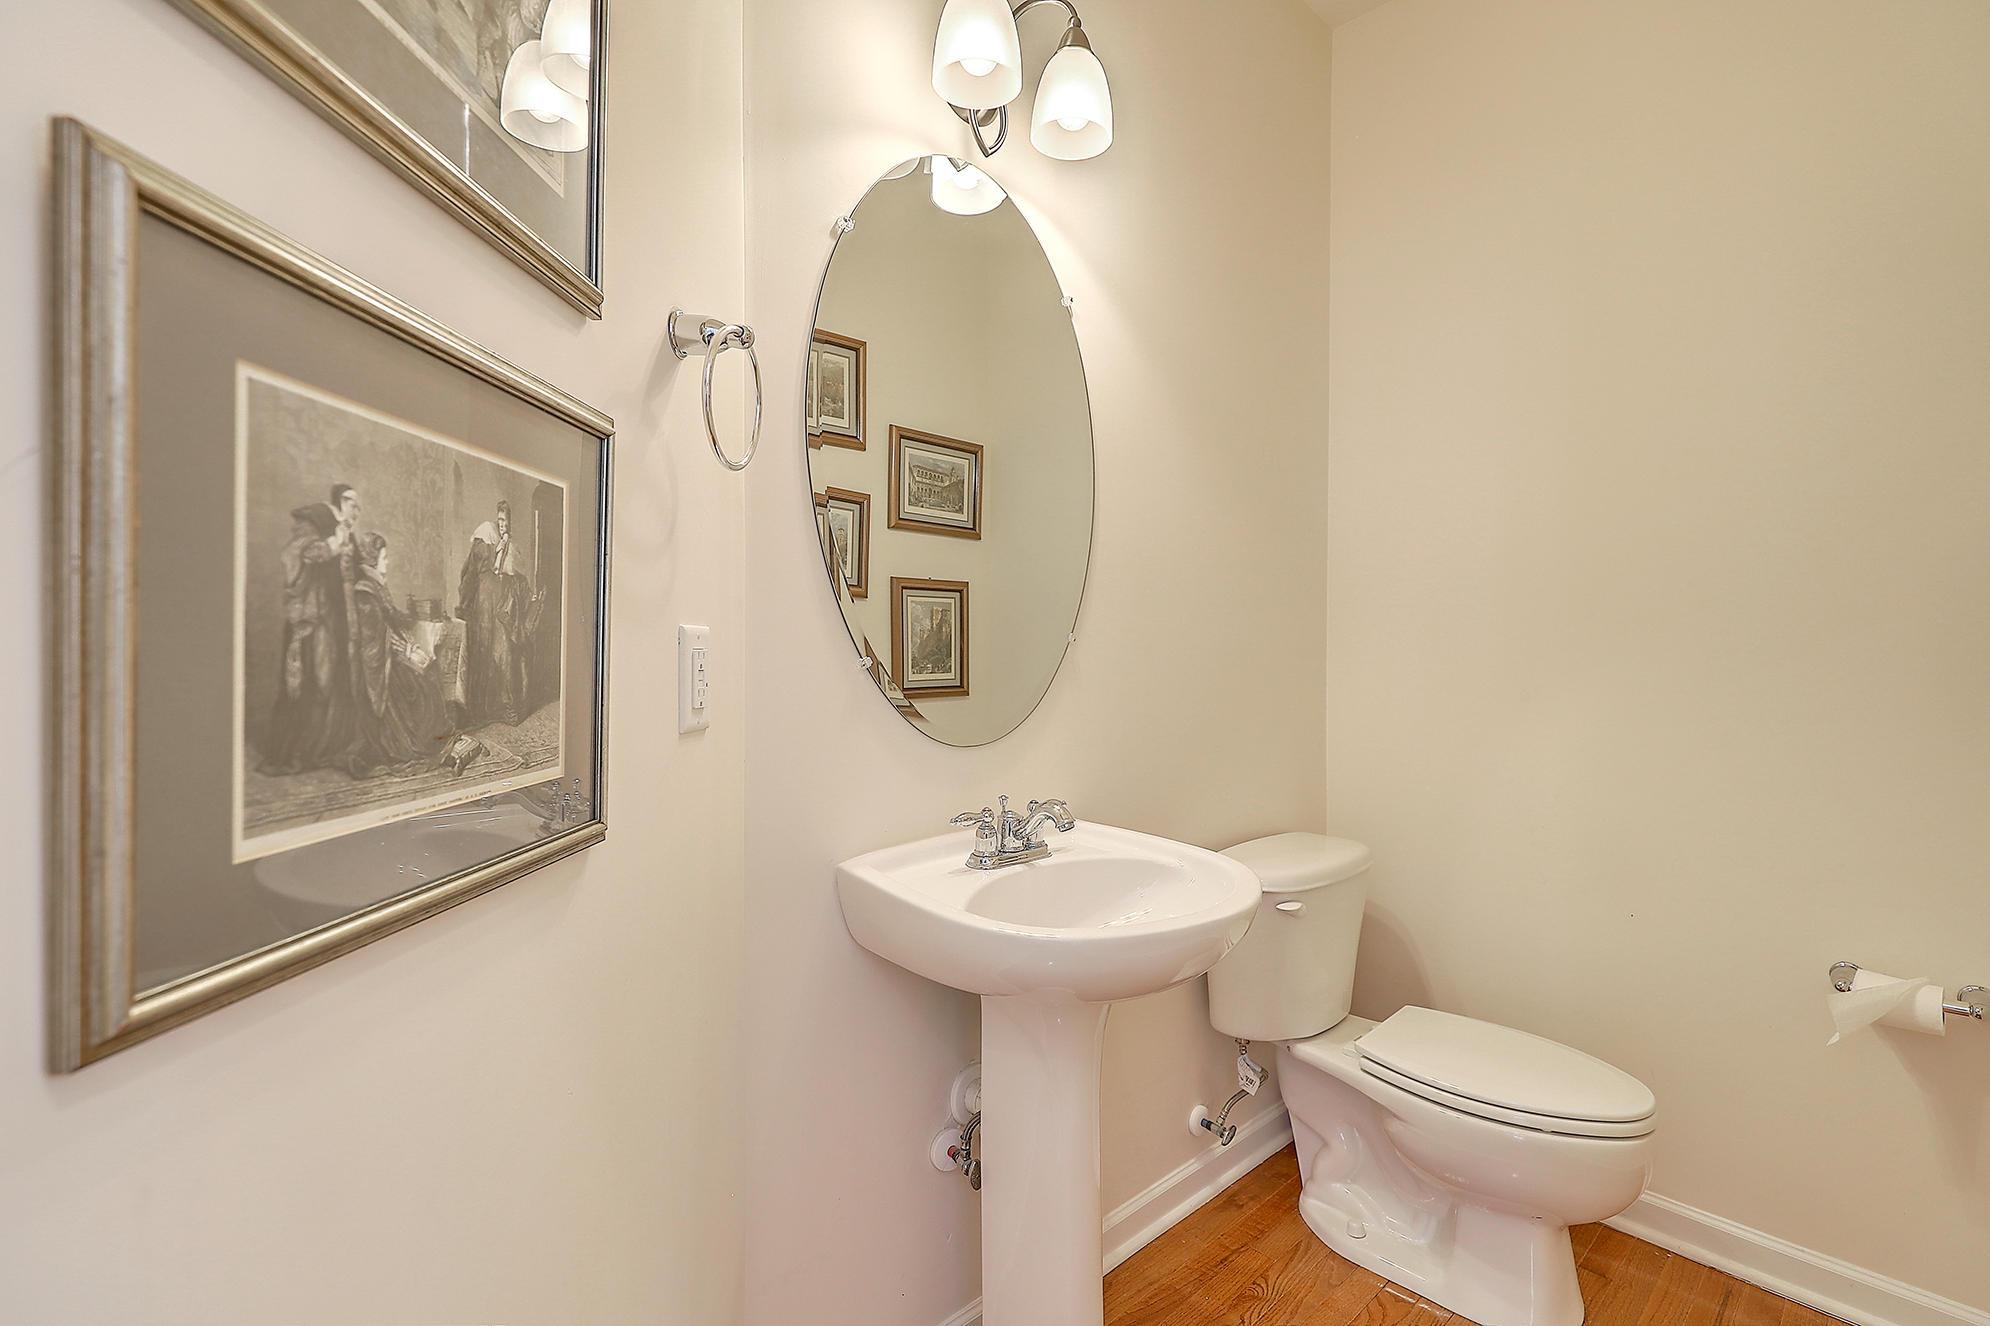 Kensington at Park West Homes For Sale - 3521 Claremont, Mount Pleasant, SC - 17